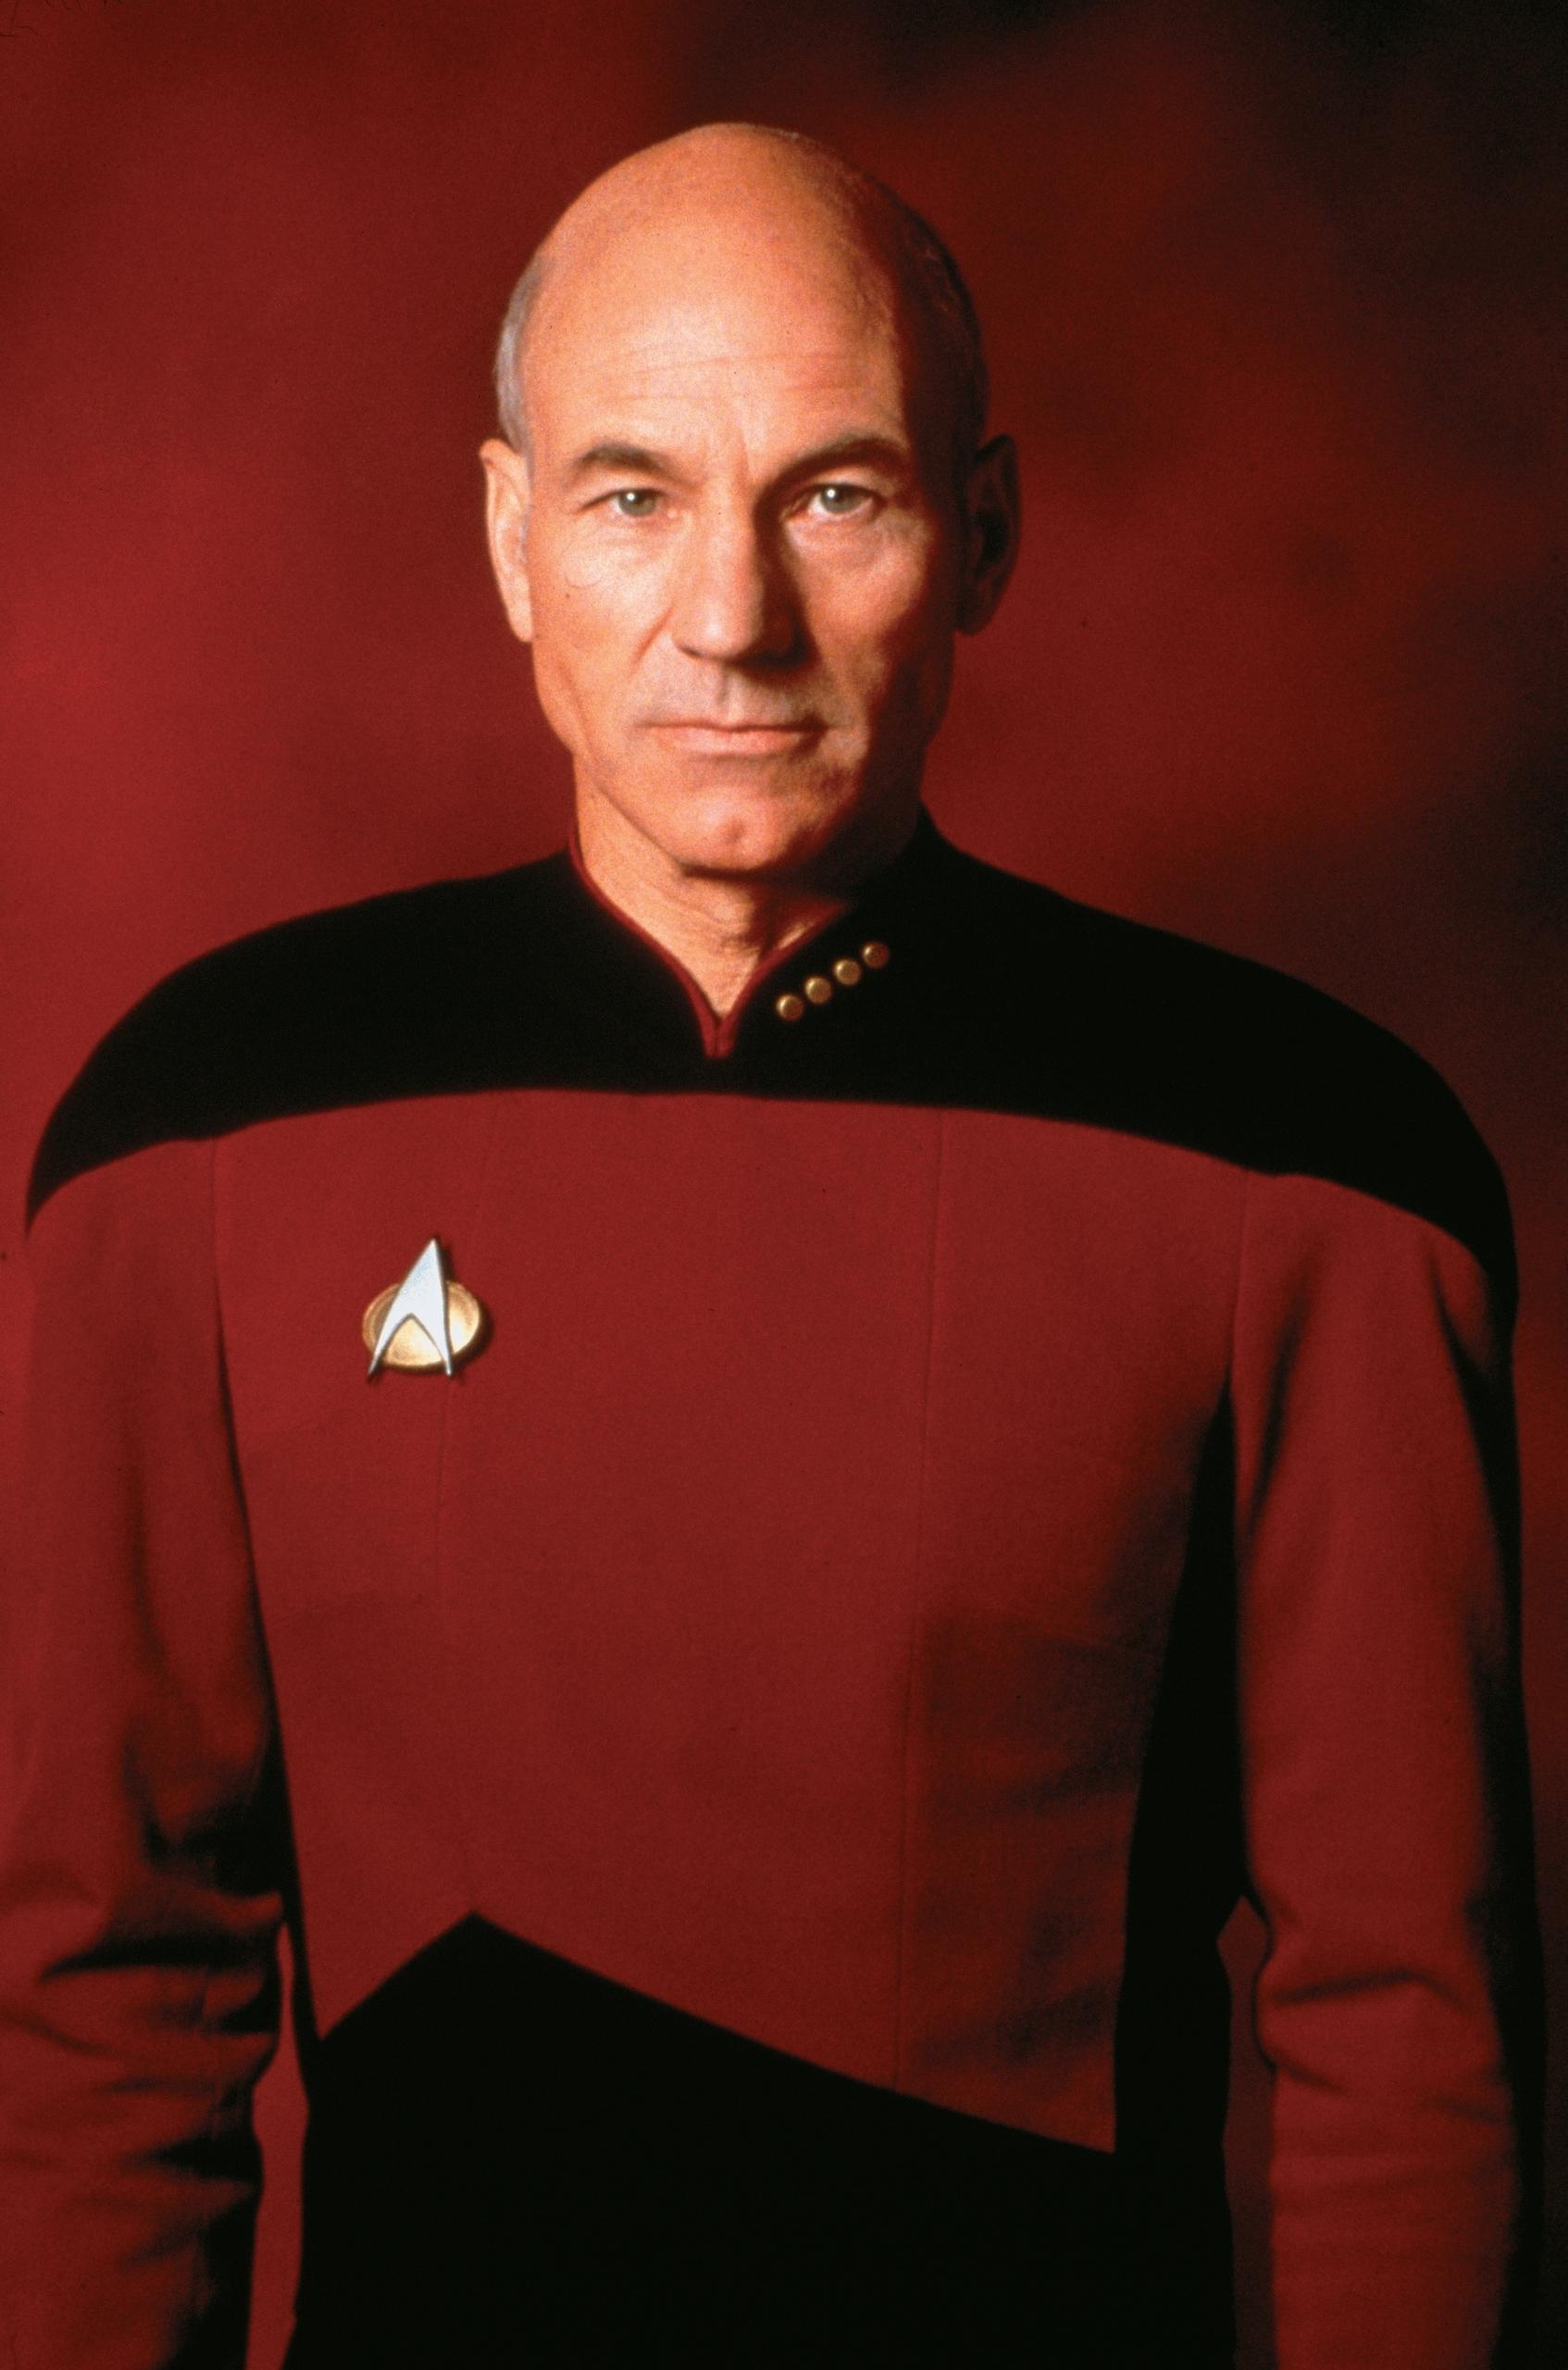 Captain Picard Star Trek